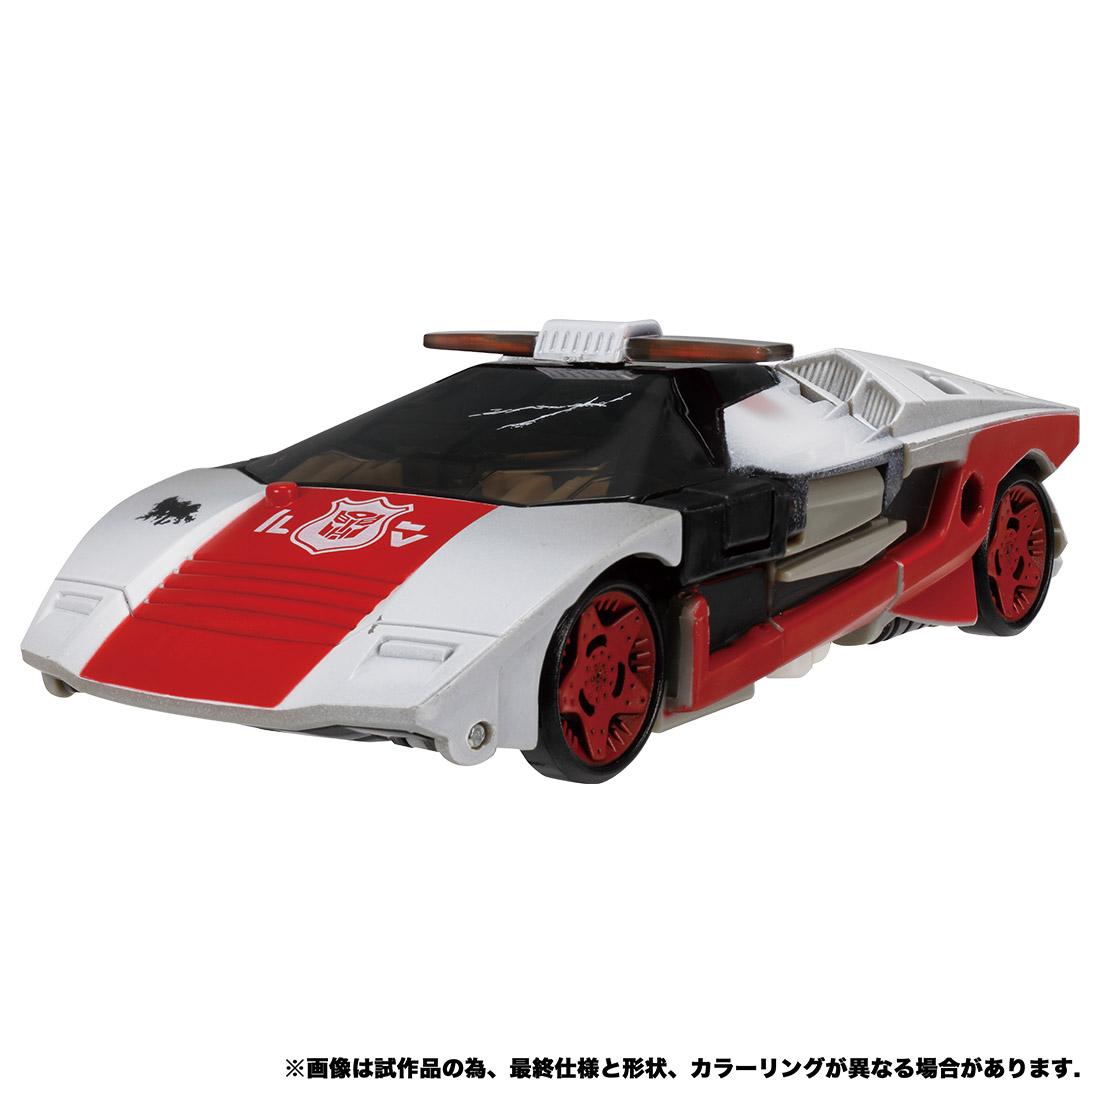 トランスフォーマー ウォーフォーサイバトロン『WFC-13 レッドアラート』可変可動フィギュア-002